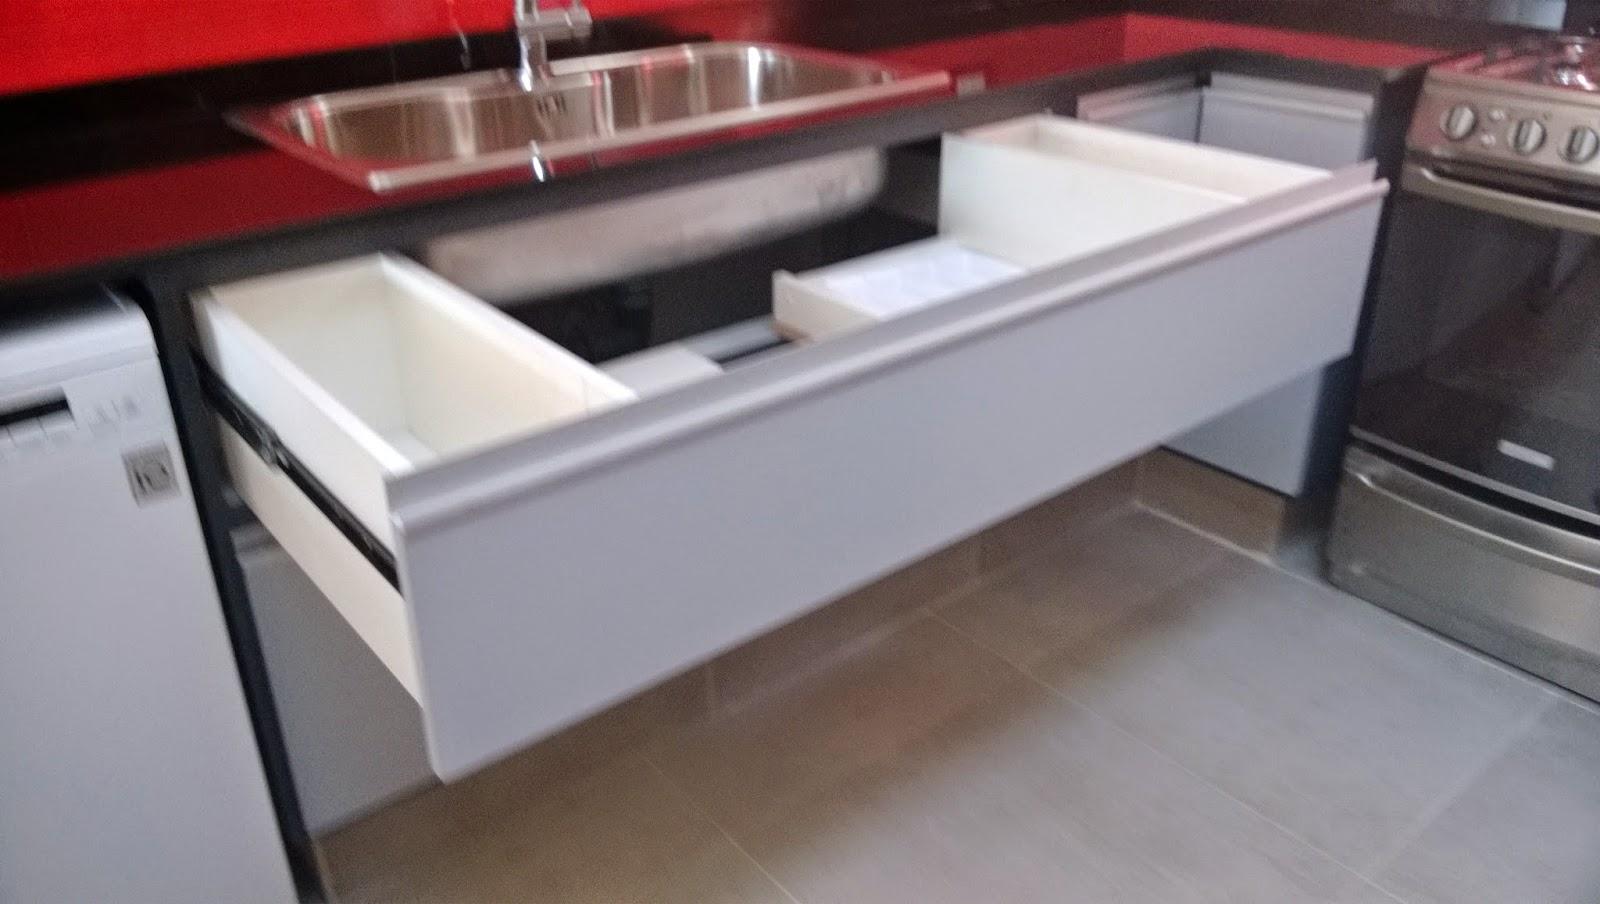 Sucarpinteriaorg cajon bajo pileta for Muebles de cocina juan carlos madrid